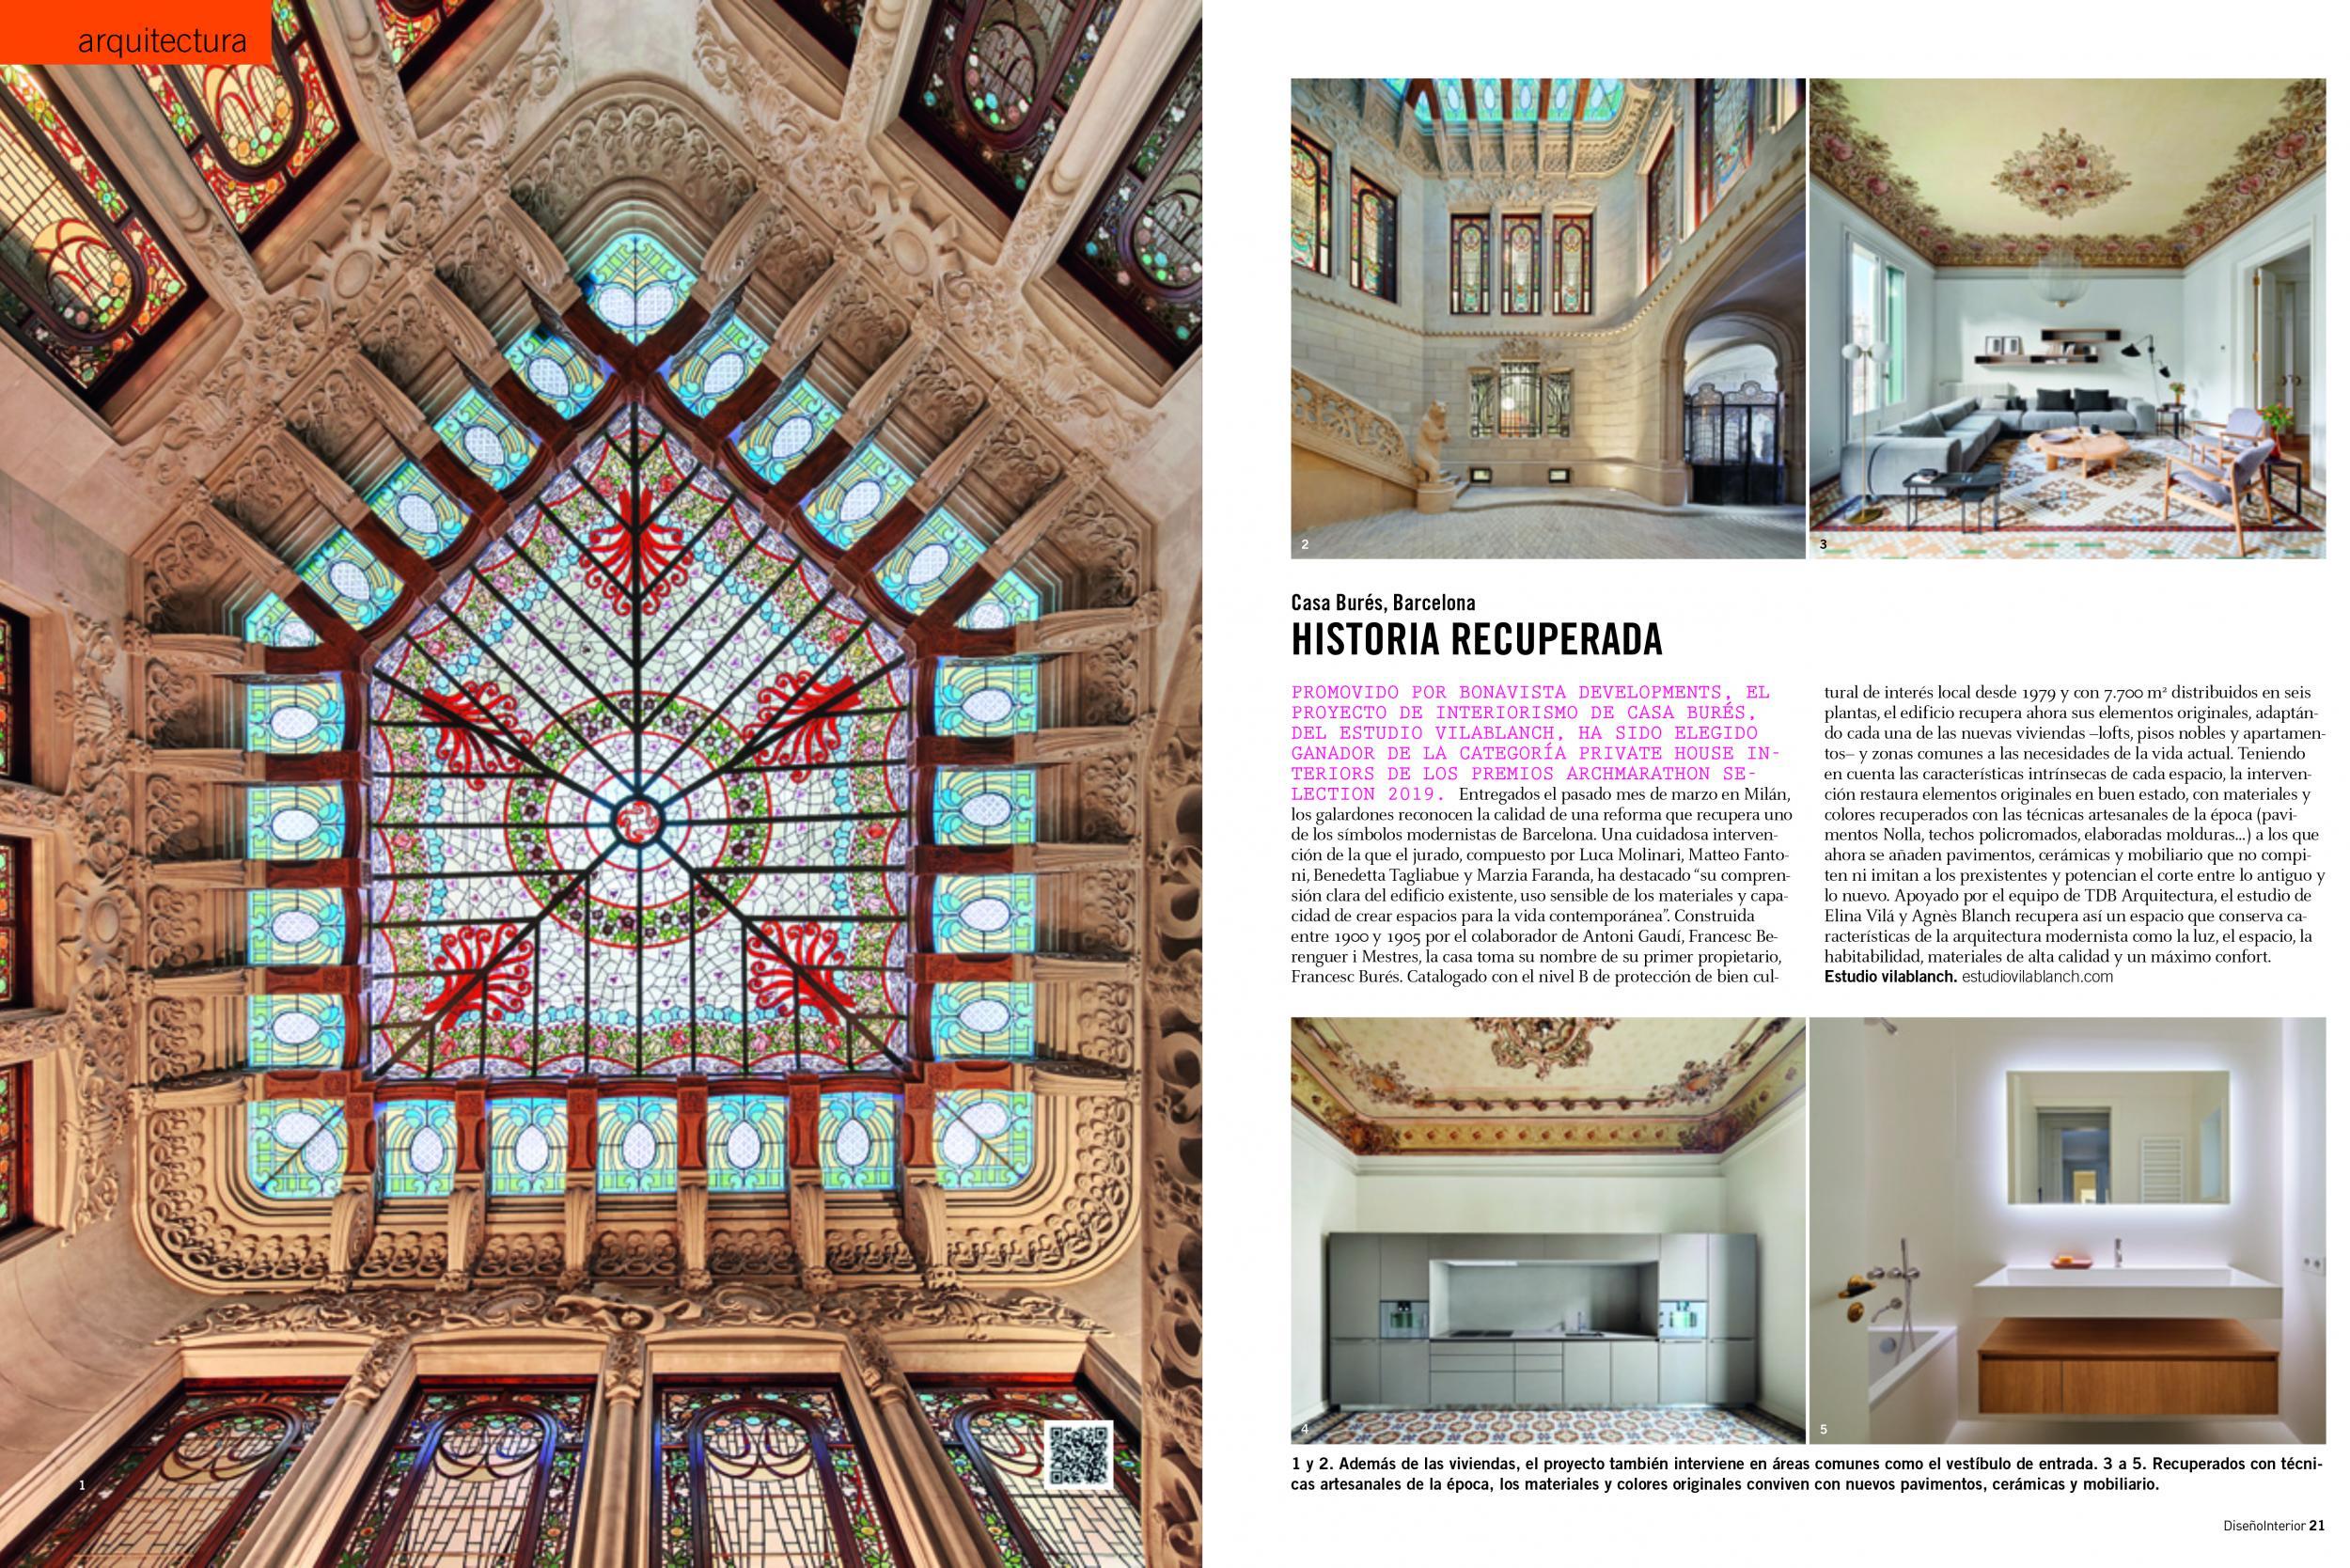 Diseño Interior Casa Bures vilablanch